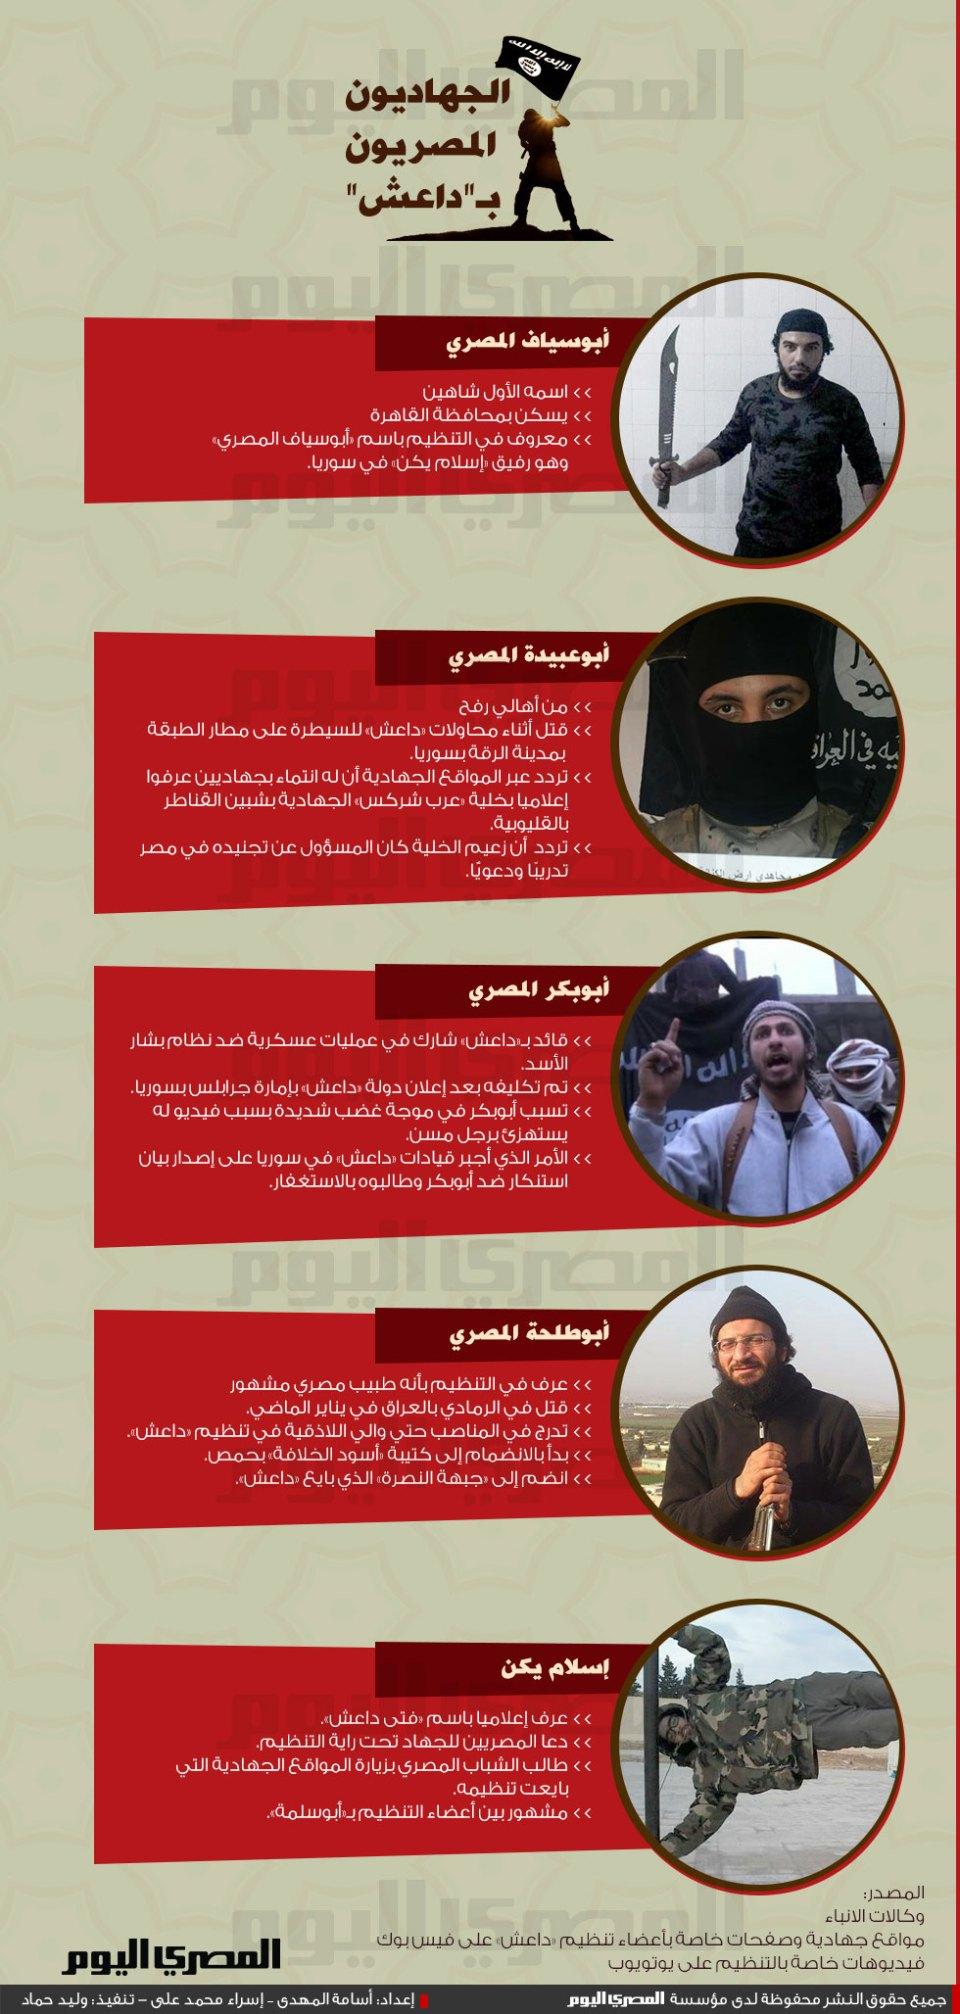 http://i1.wp.com/media.almasryalyoum.com/infographic/large/15.jpg?w=960